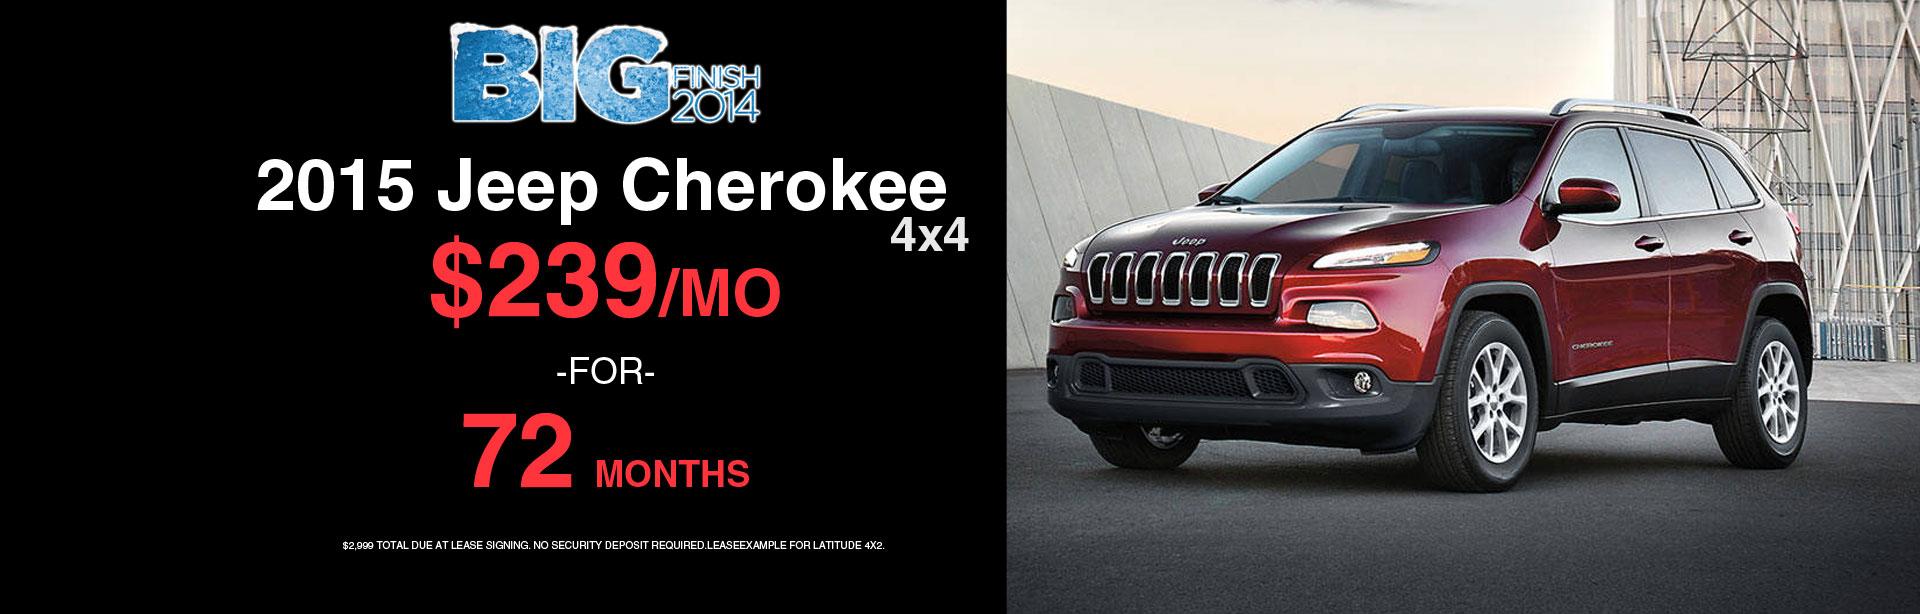 2015 Jeep Cherokee 4x4